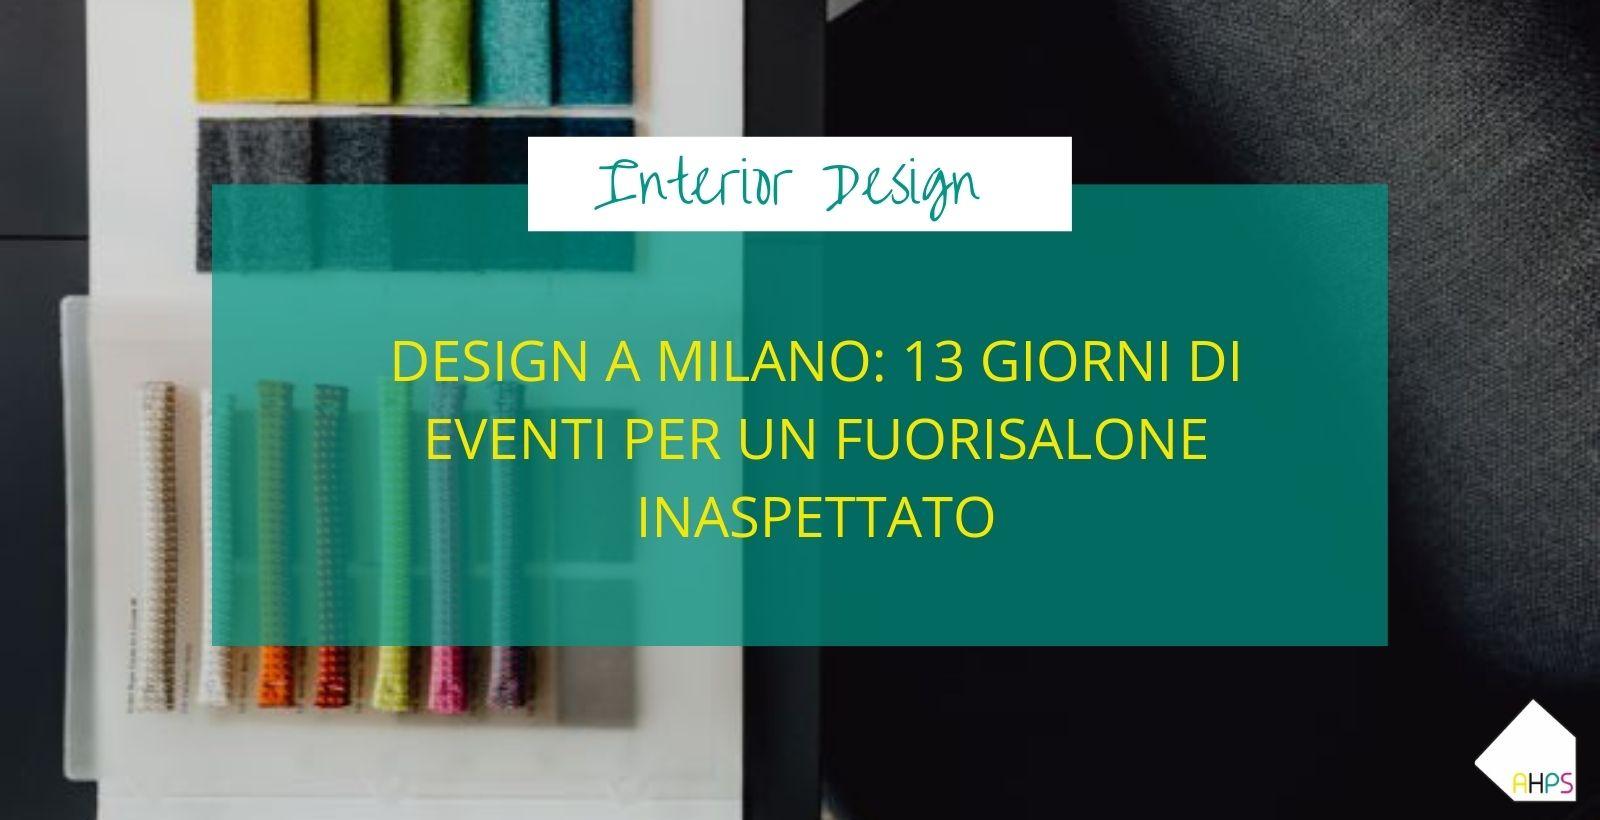 design a Milano